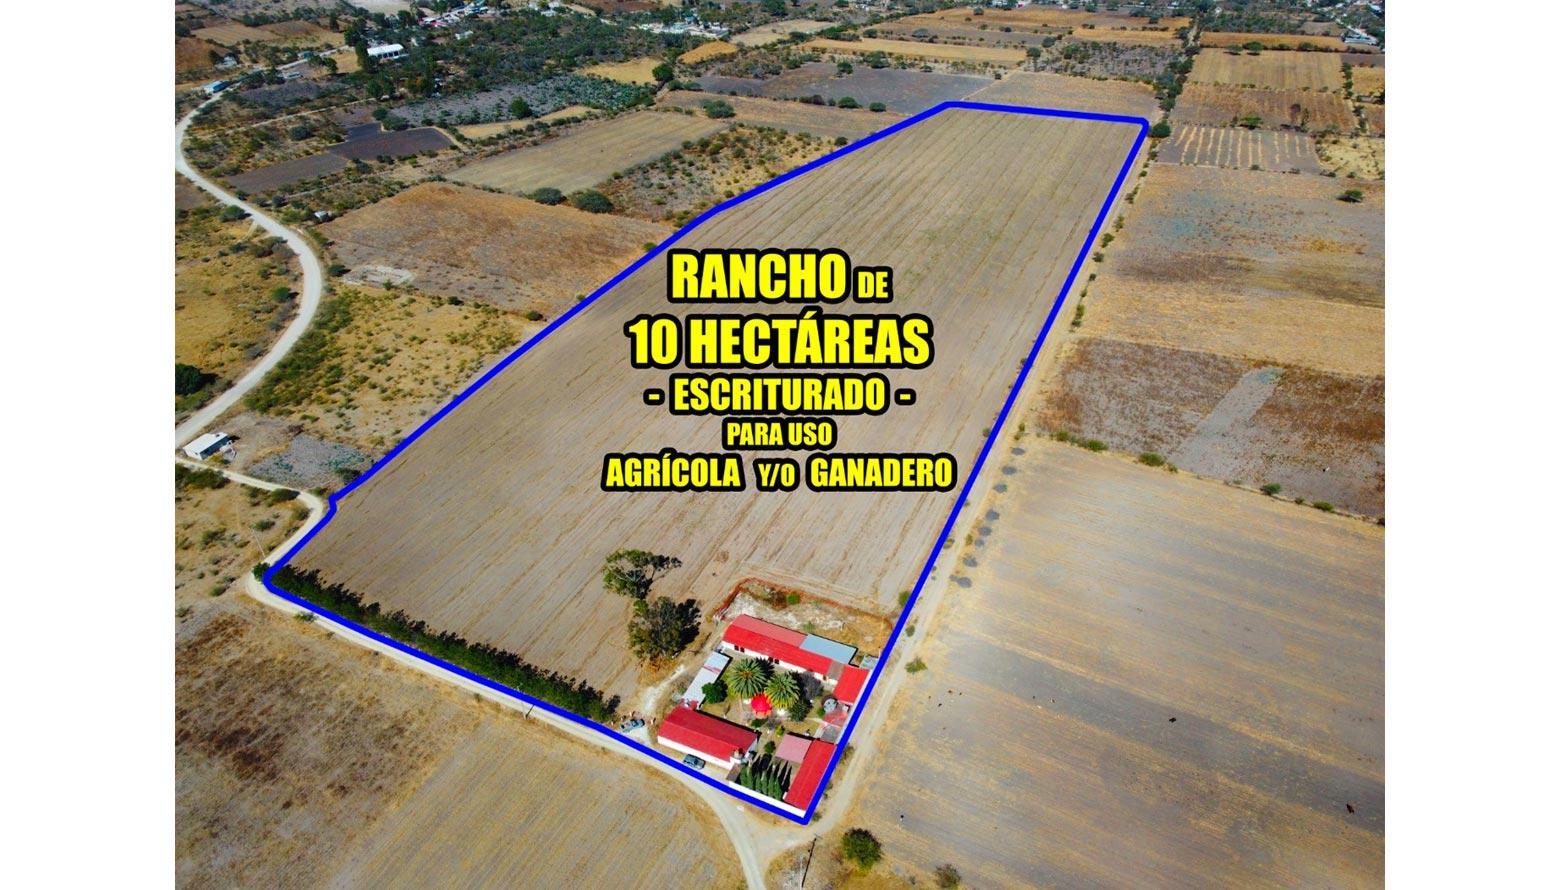 Rancho de 10 Hectáreas en Hidalgo - Escriturado